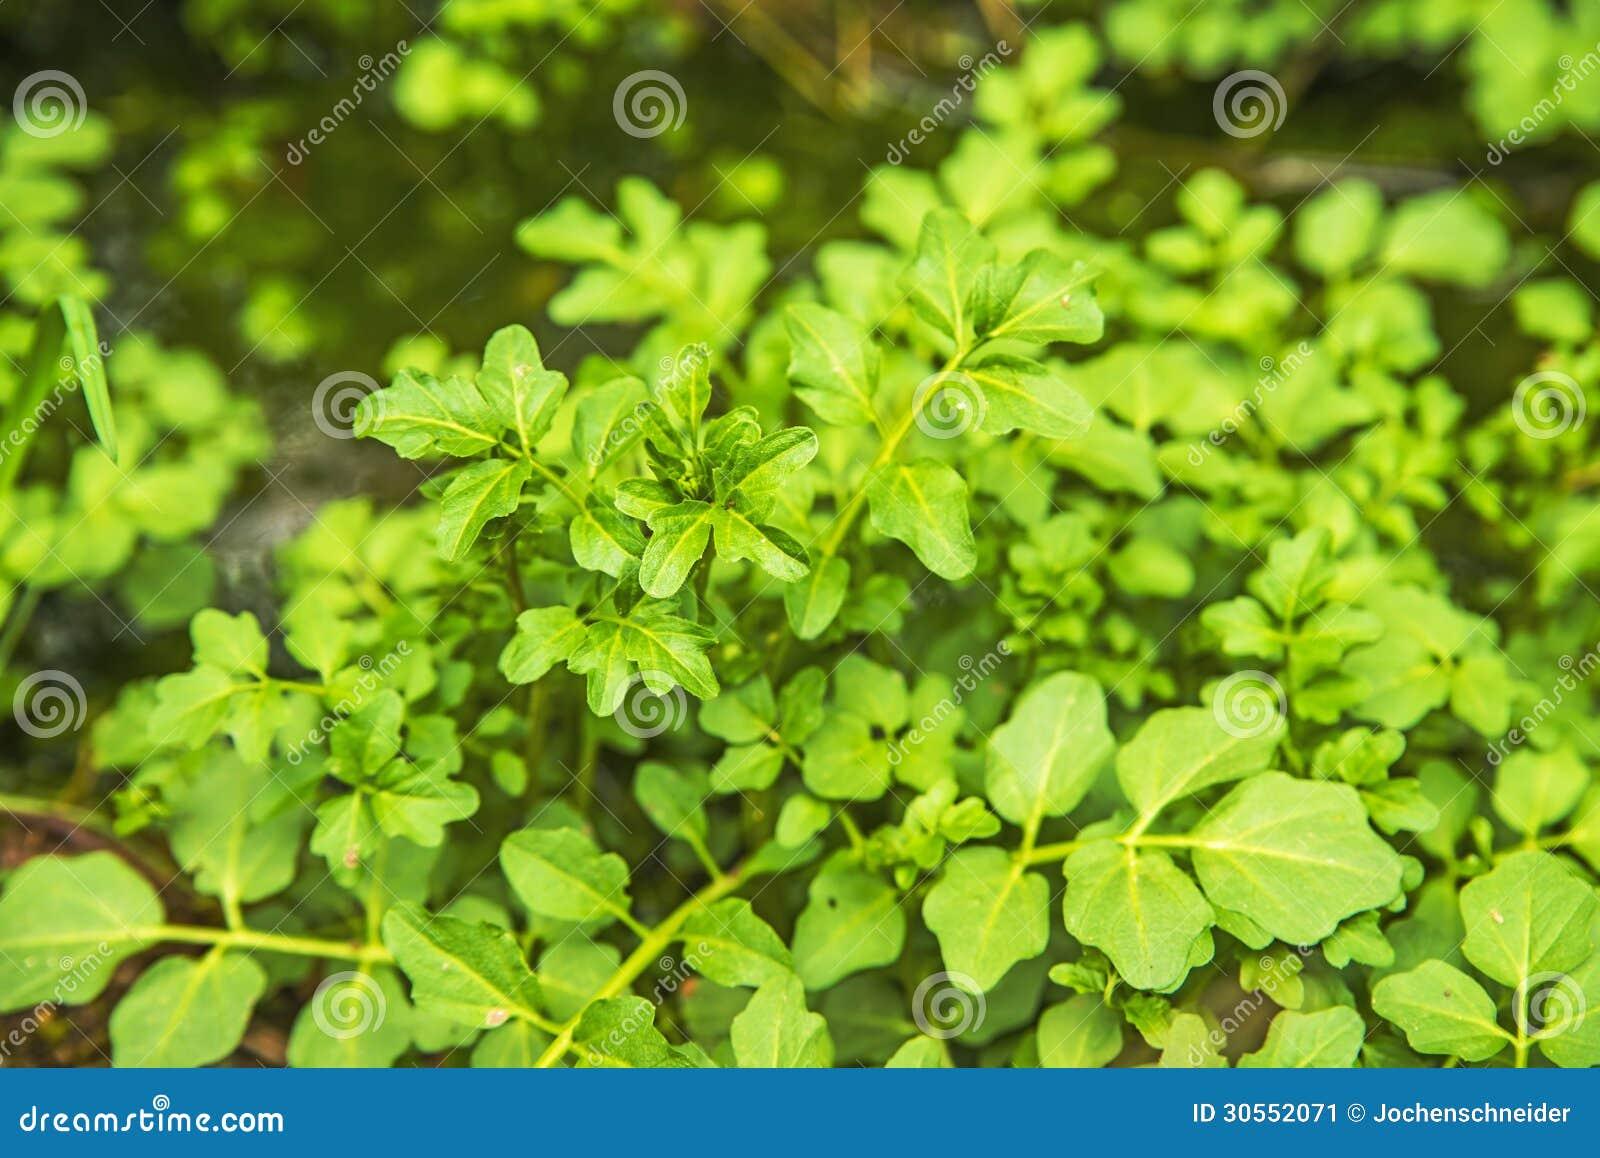 Crescione acquatico, nasturtium officinale